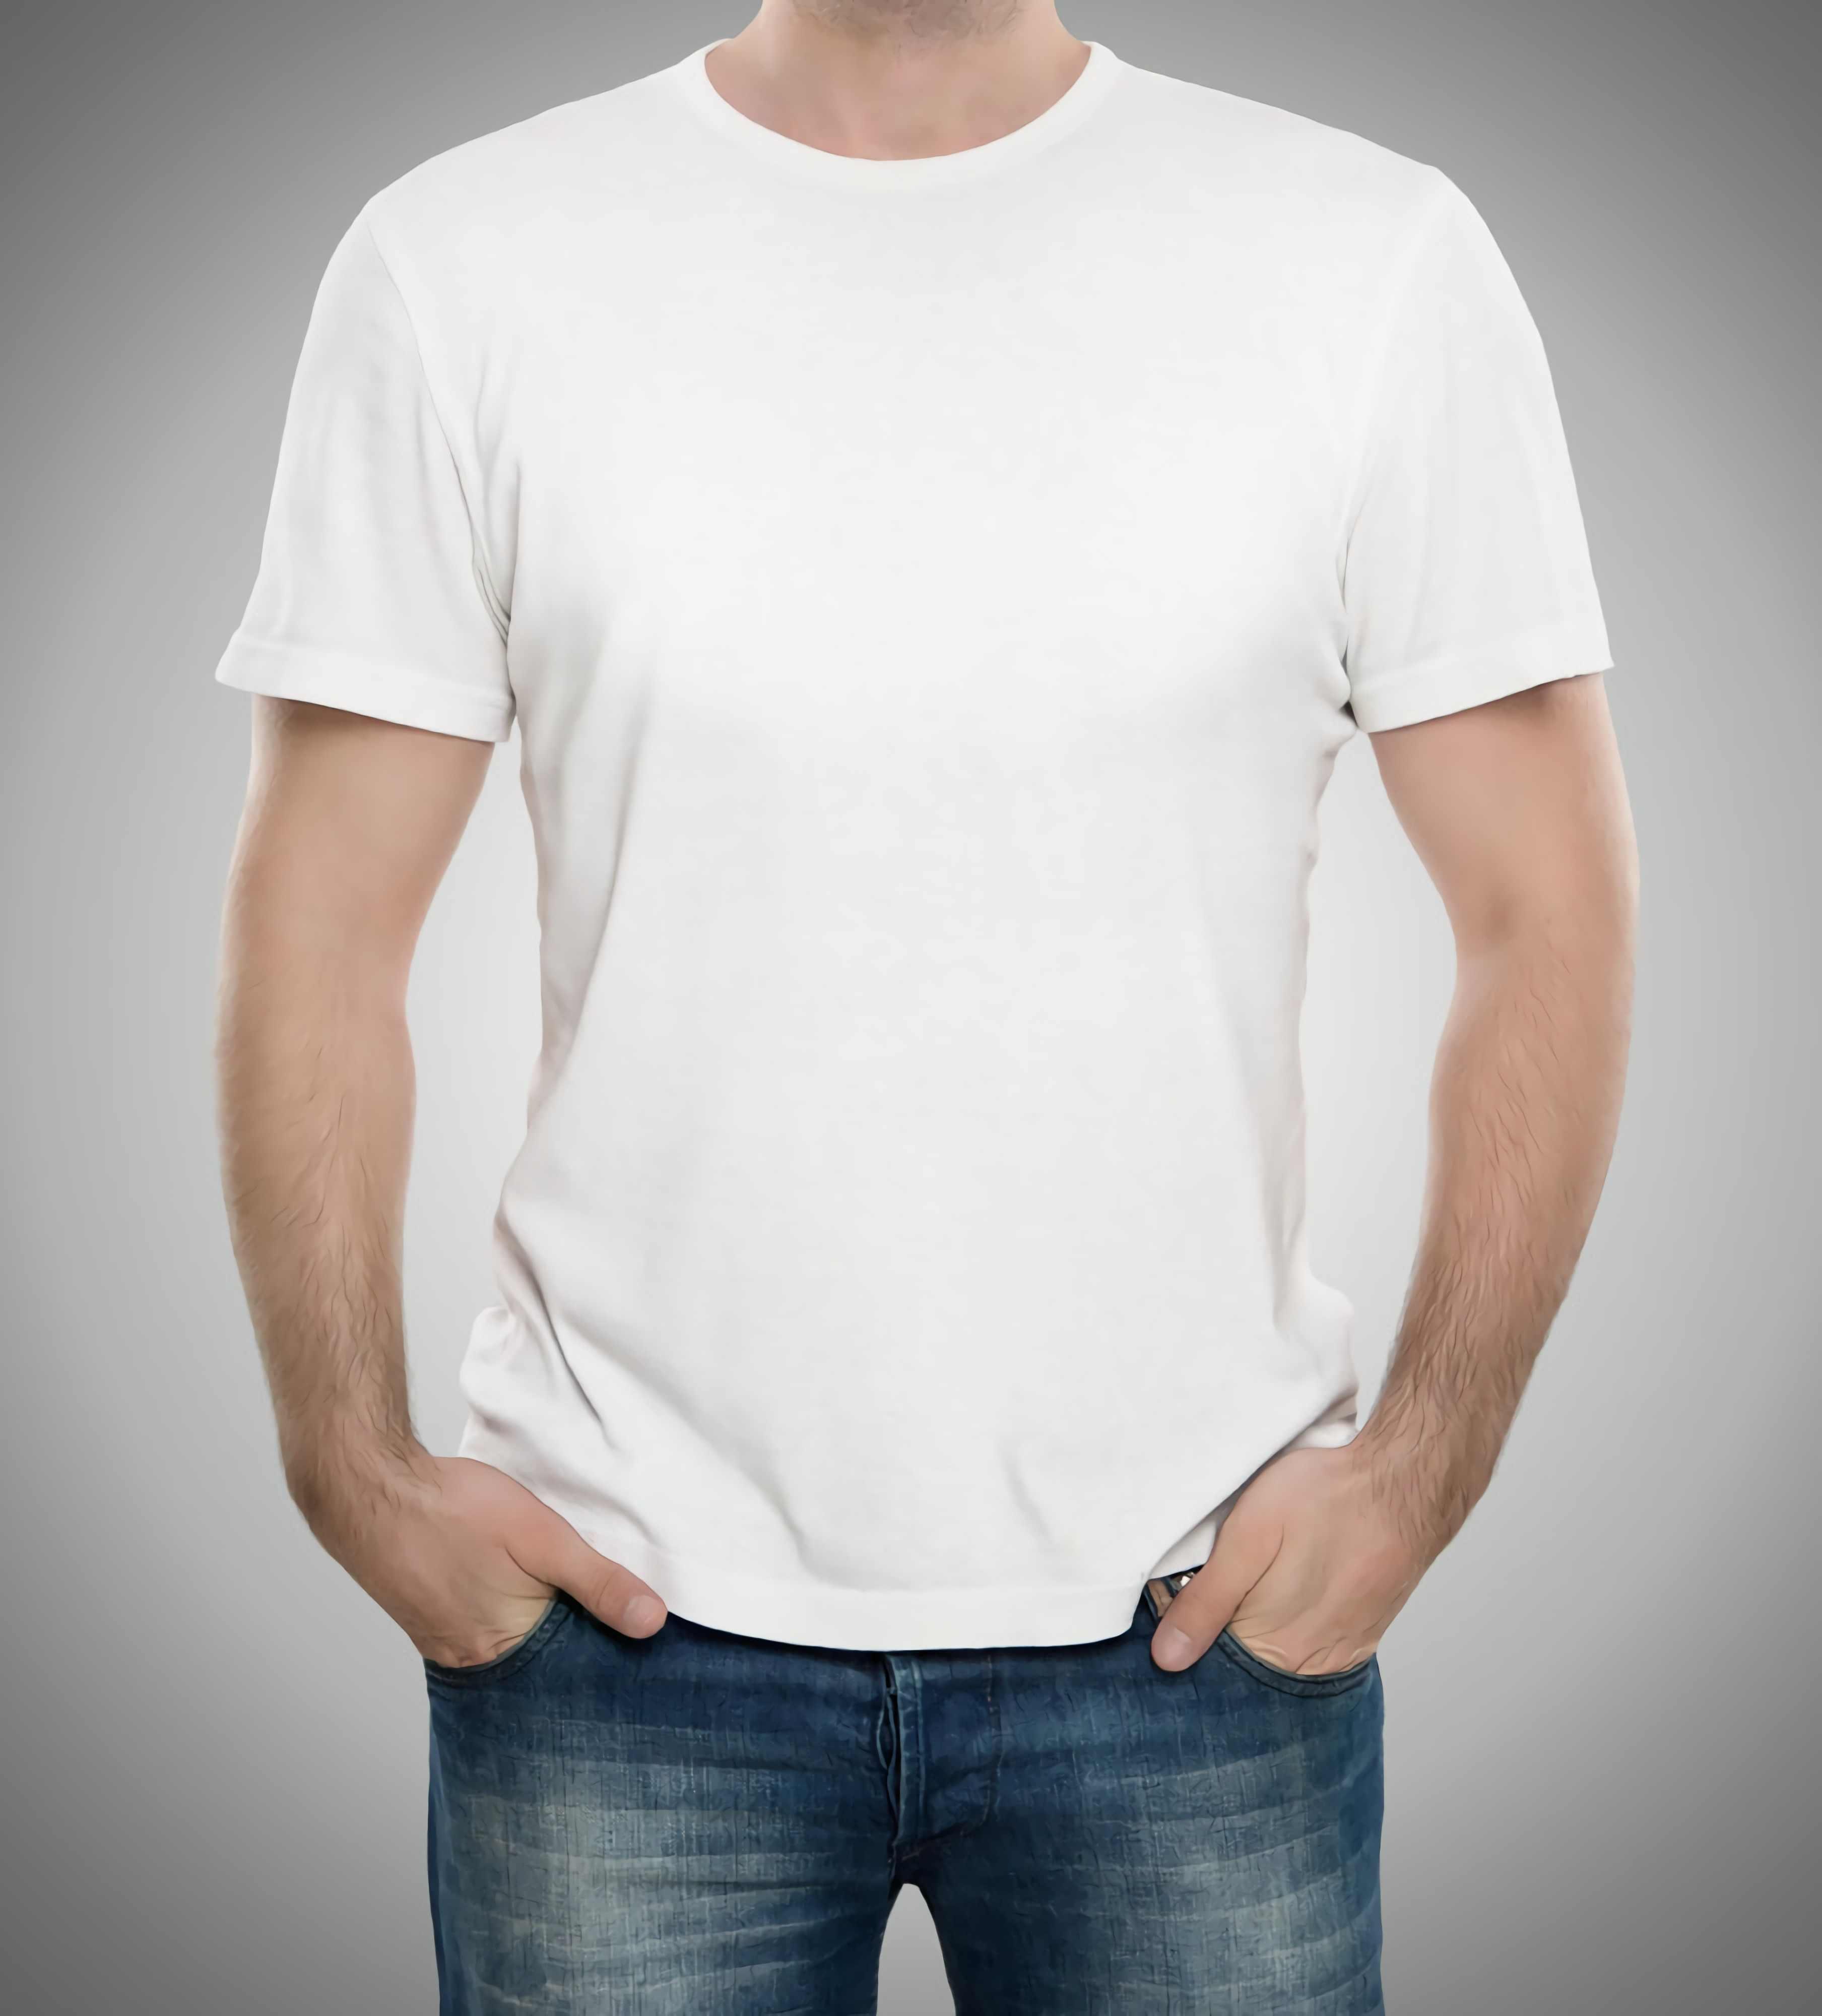 Новая футболка GC MICKEY addidas MOUSE PARODY STYLED черная и белая Мужская и Женская Новинка 1 HA1